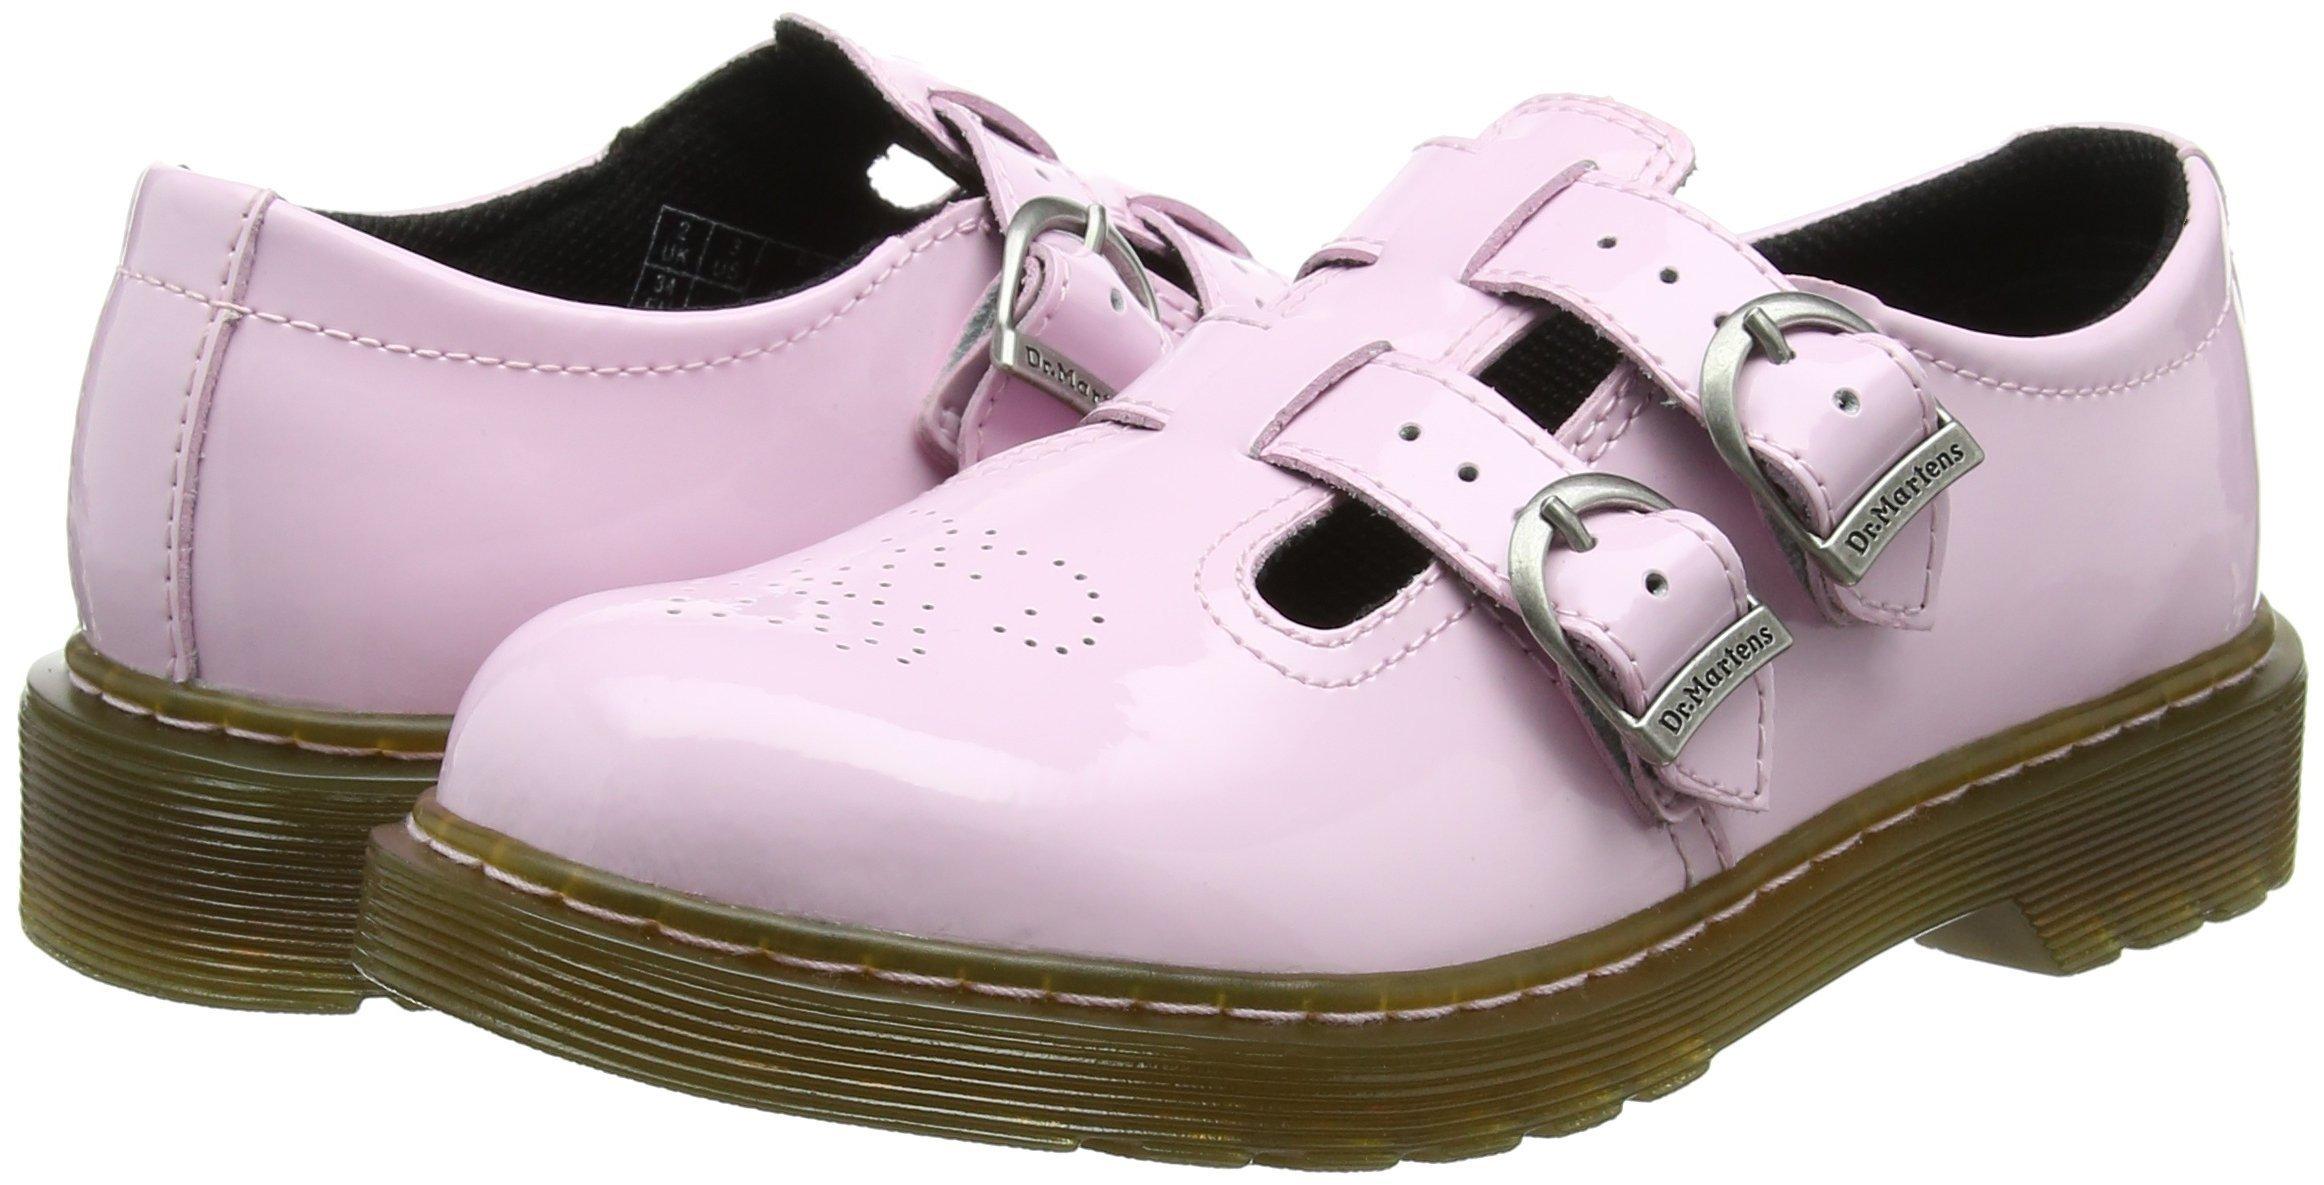 R22267688 - 8065 J UK 10 (US 11 Kid) / Baby_Pink